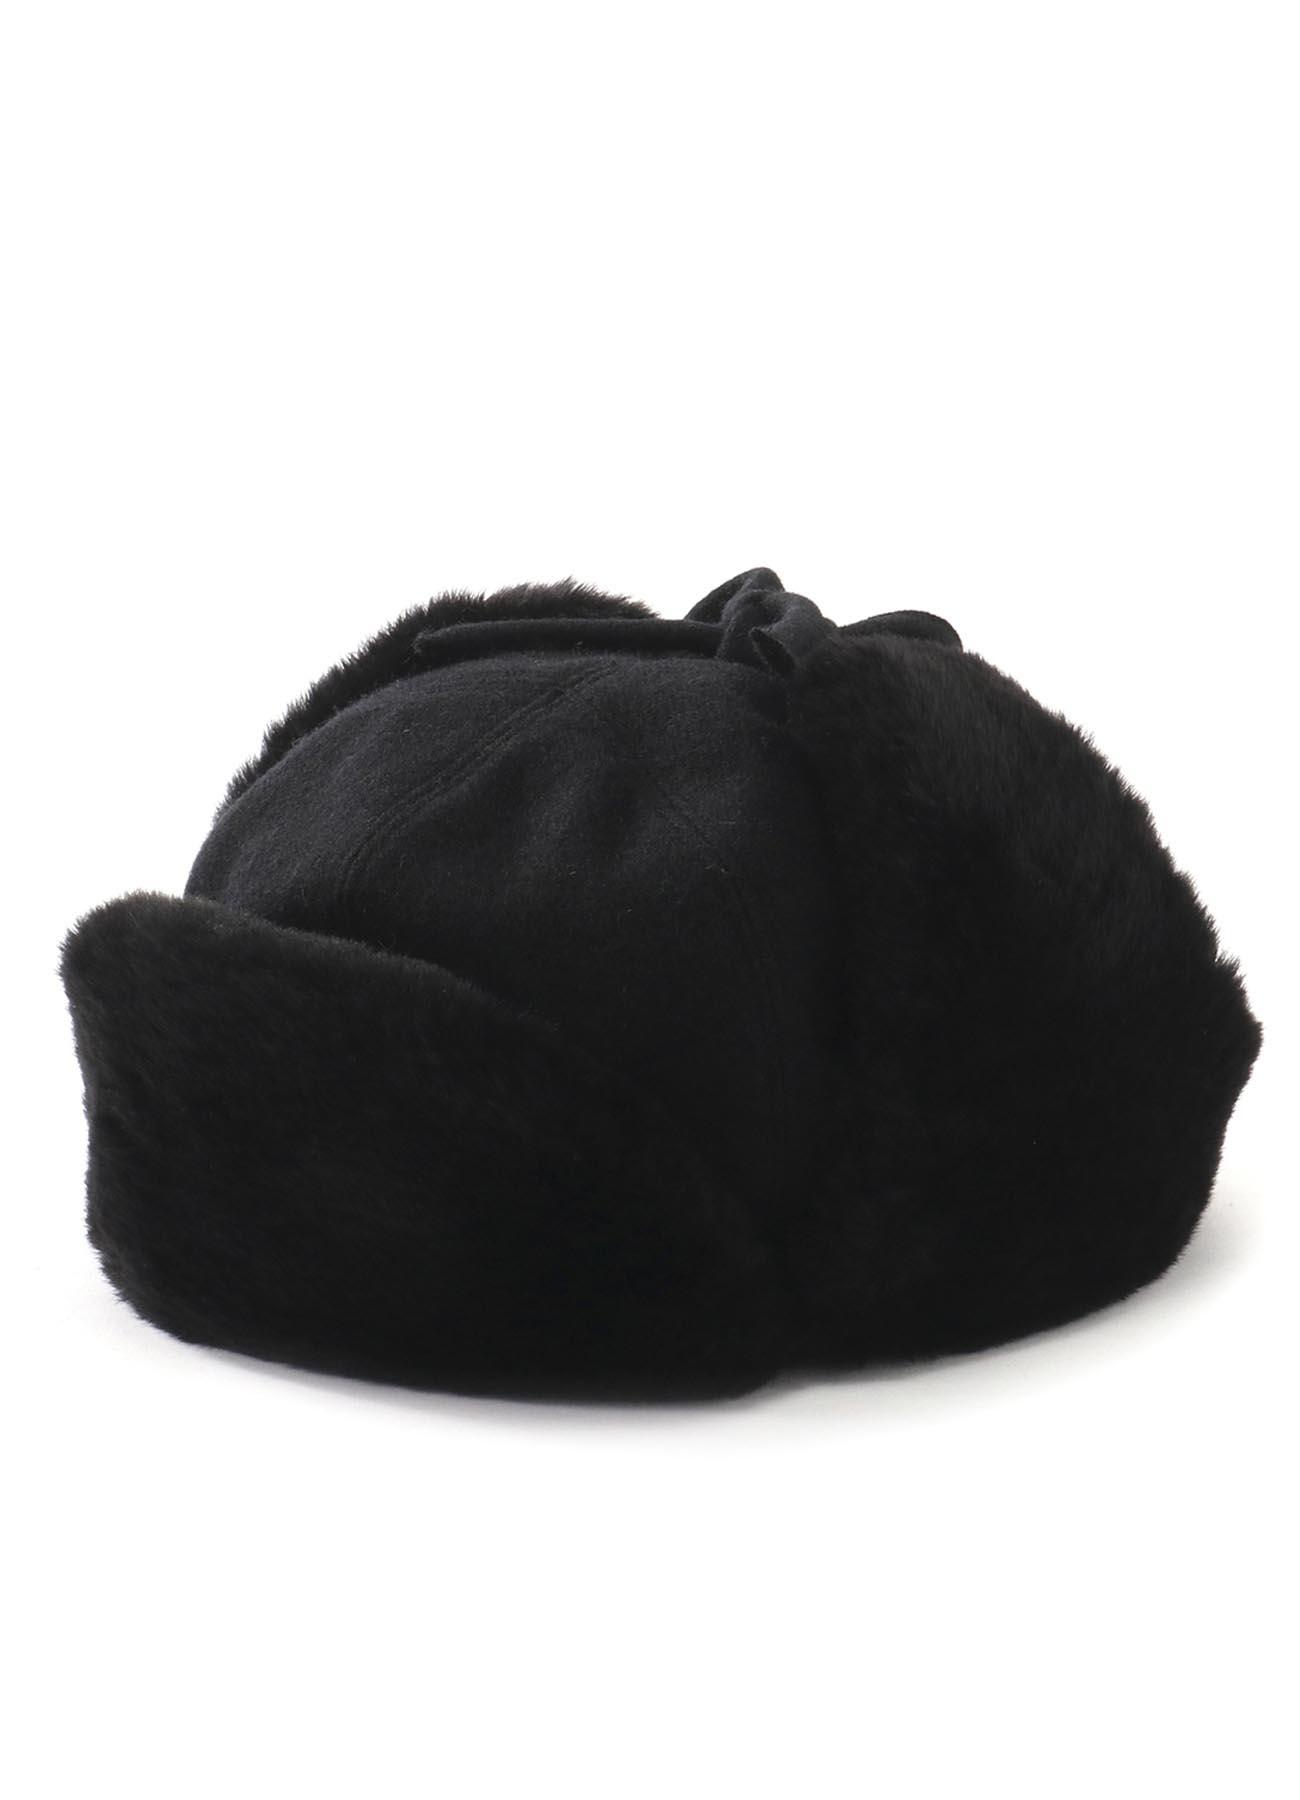 KAYONAKAMURAbyY's FUR BOA PILOT CAP